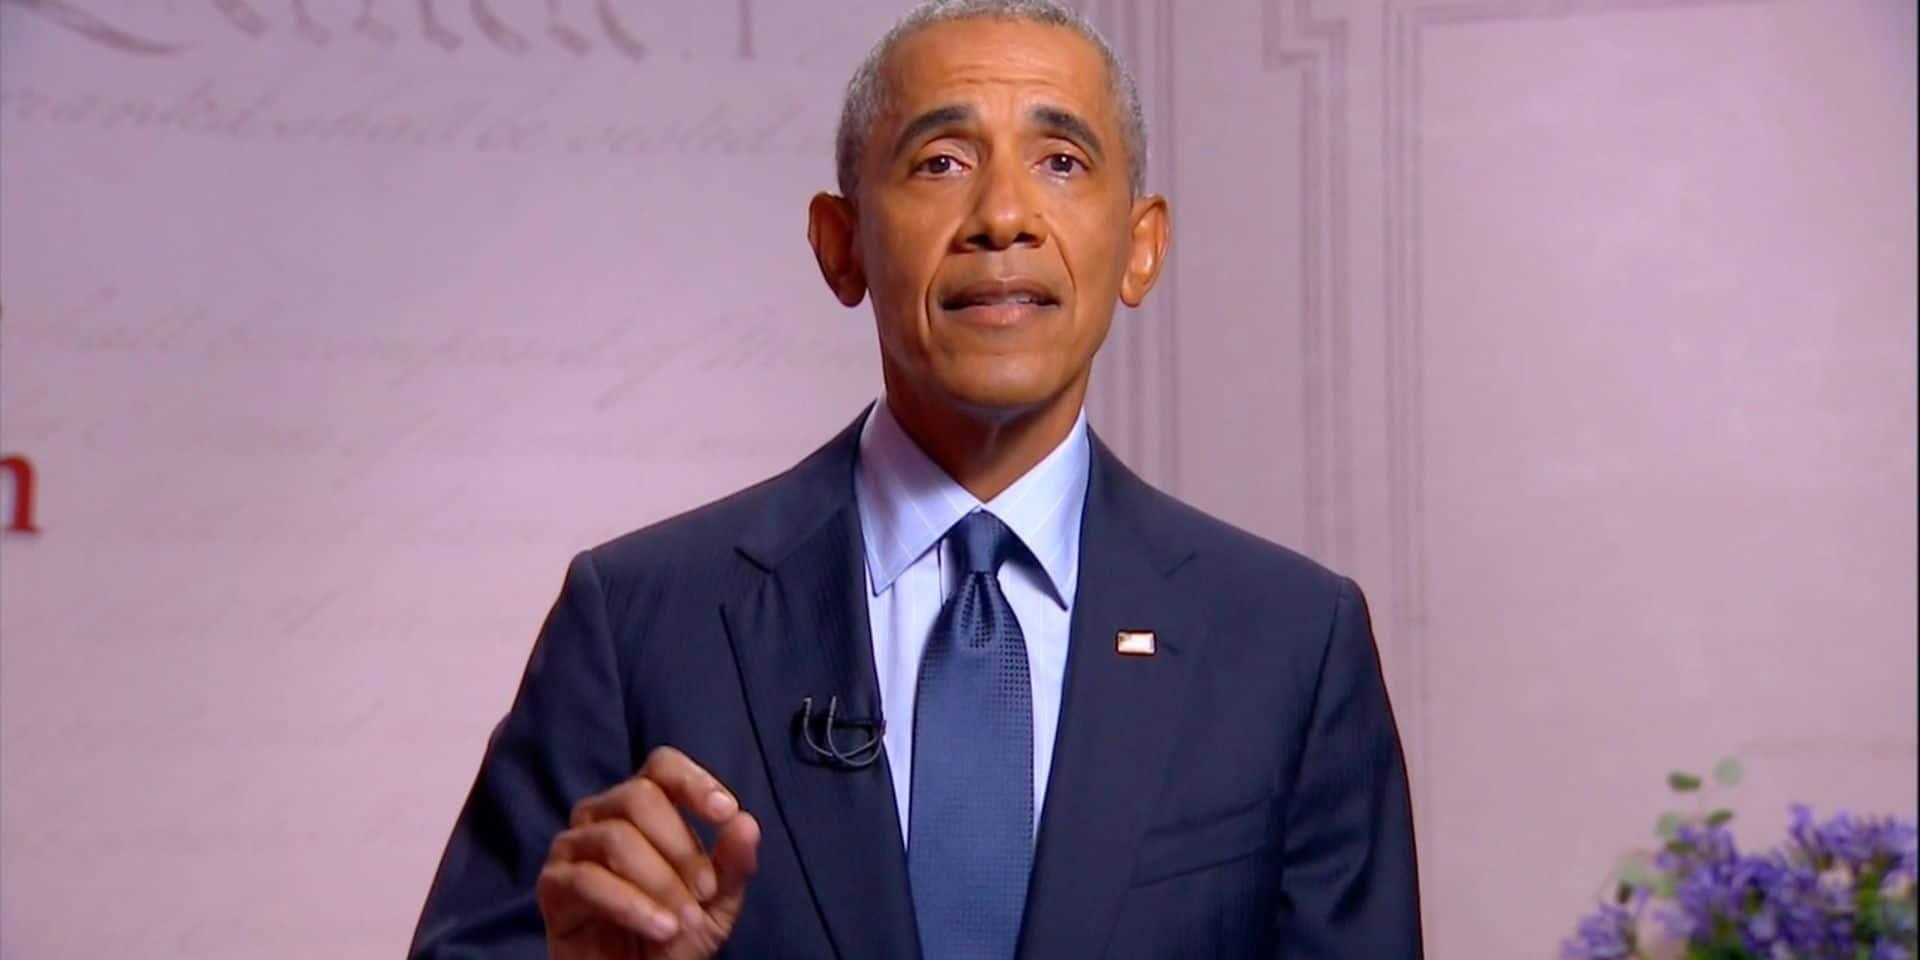 Obama annonce la sortie de son livre deux semaines après l'élection présidentielle